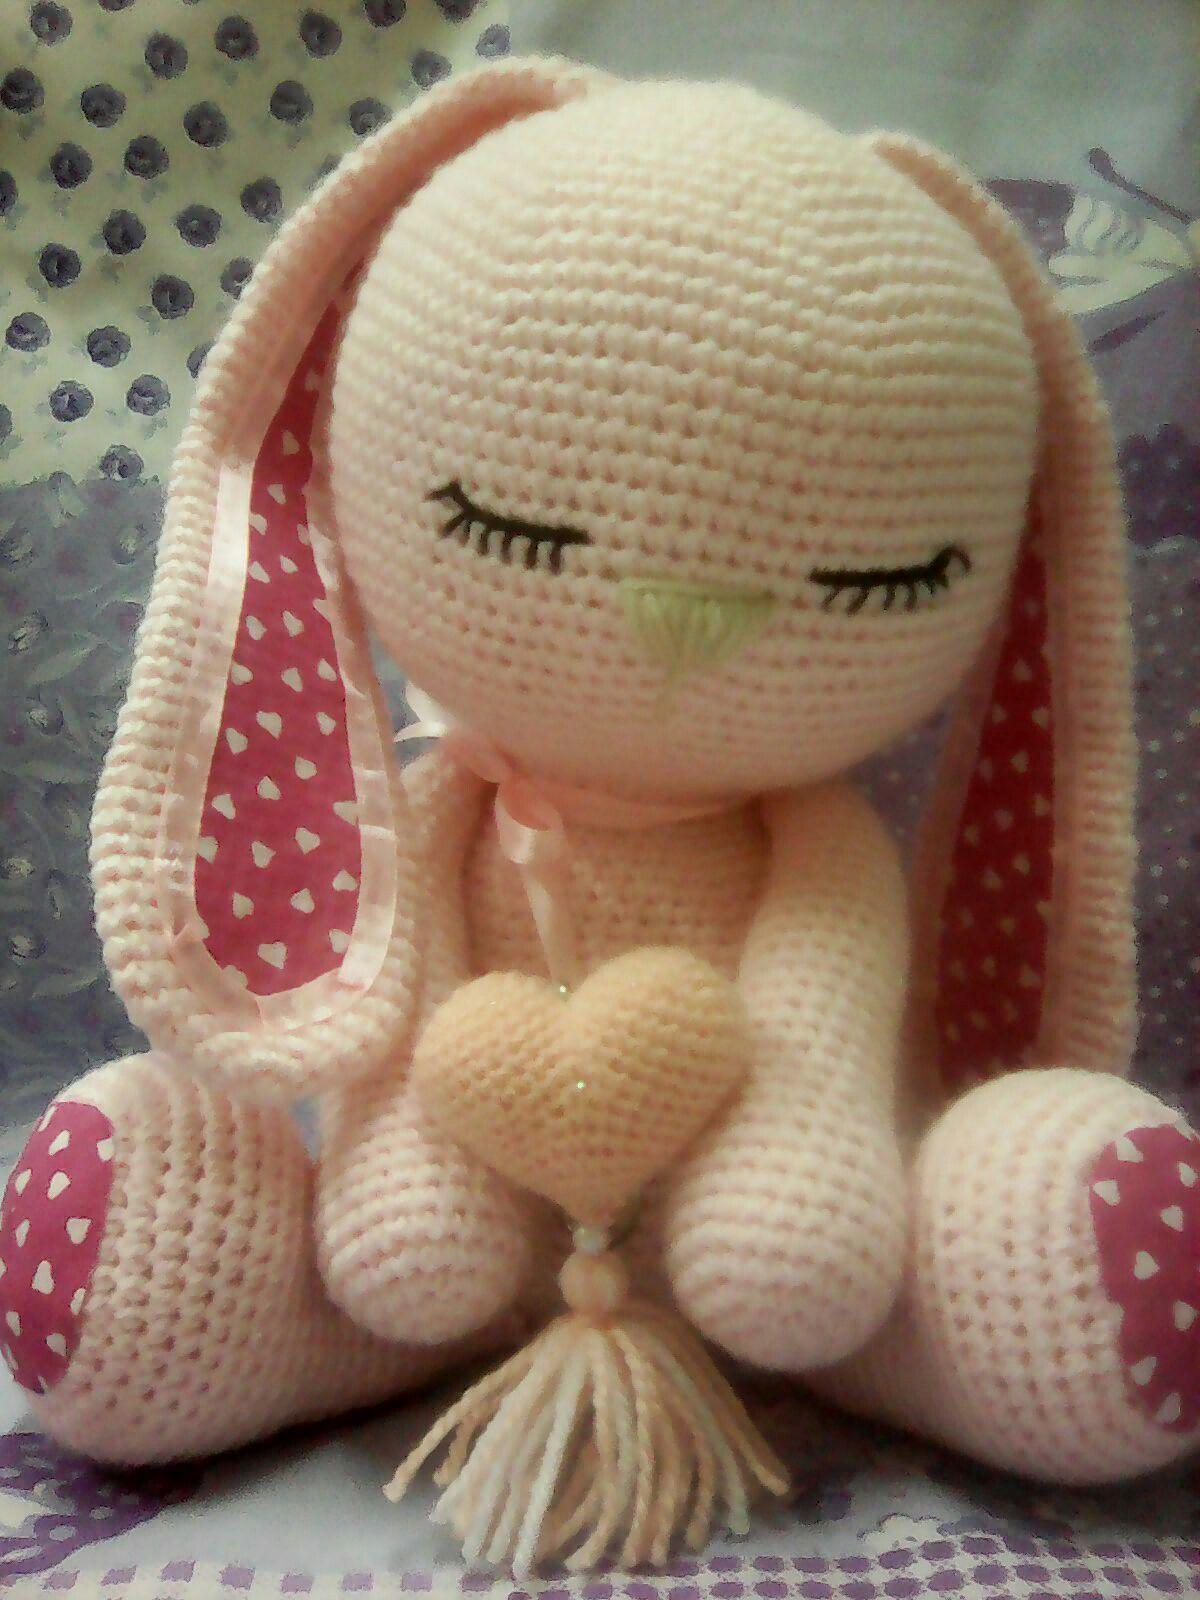 Crochet amigurumi patrones ➤ TEJER CROCHET ➤ Crochet Patrones